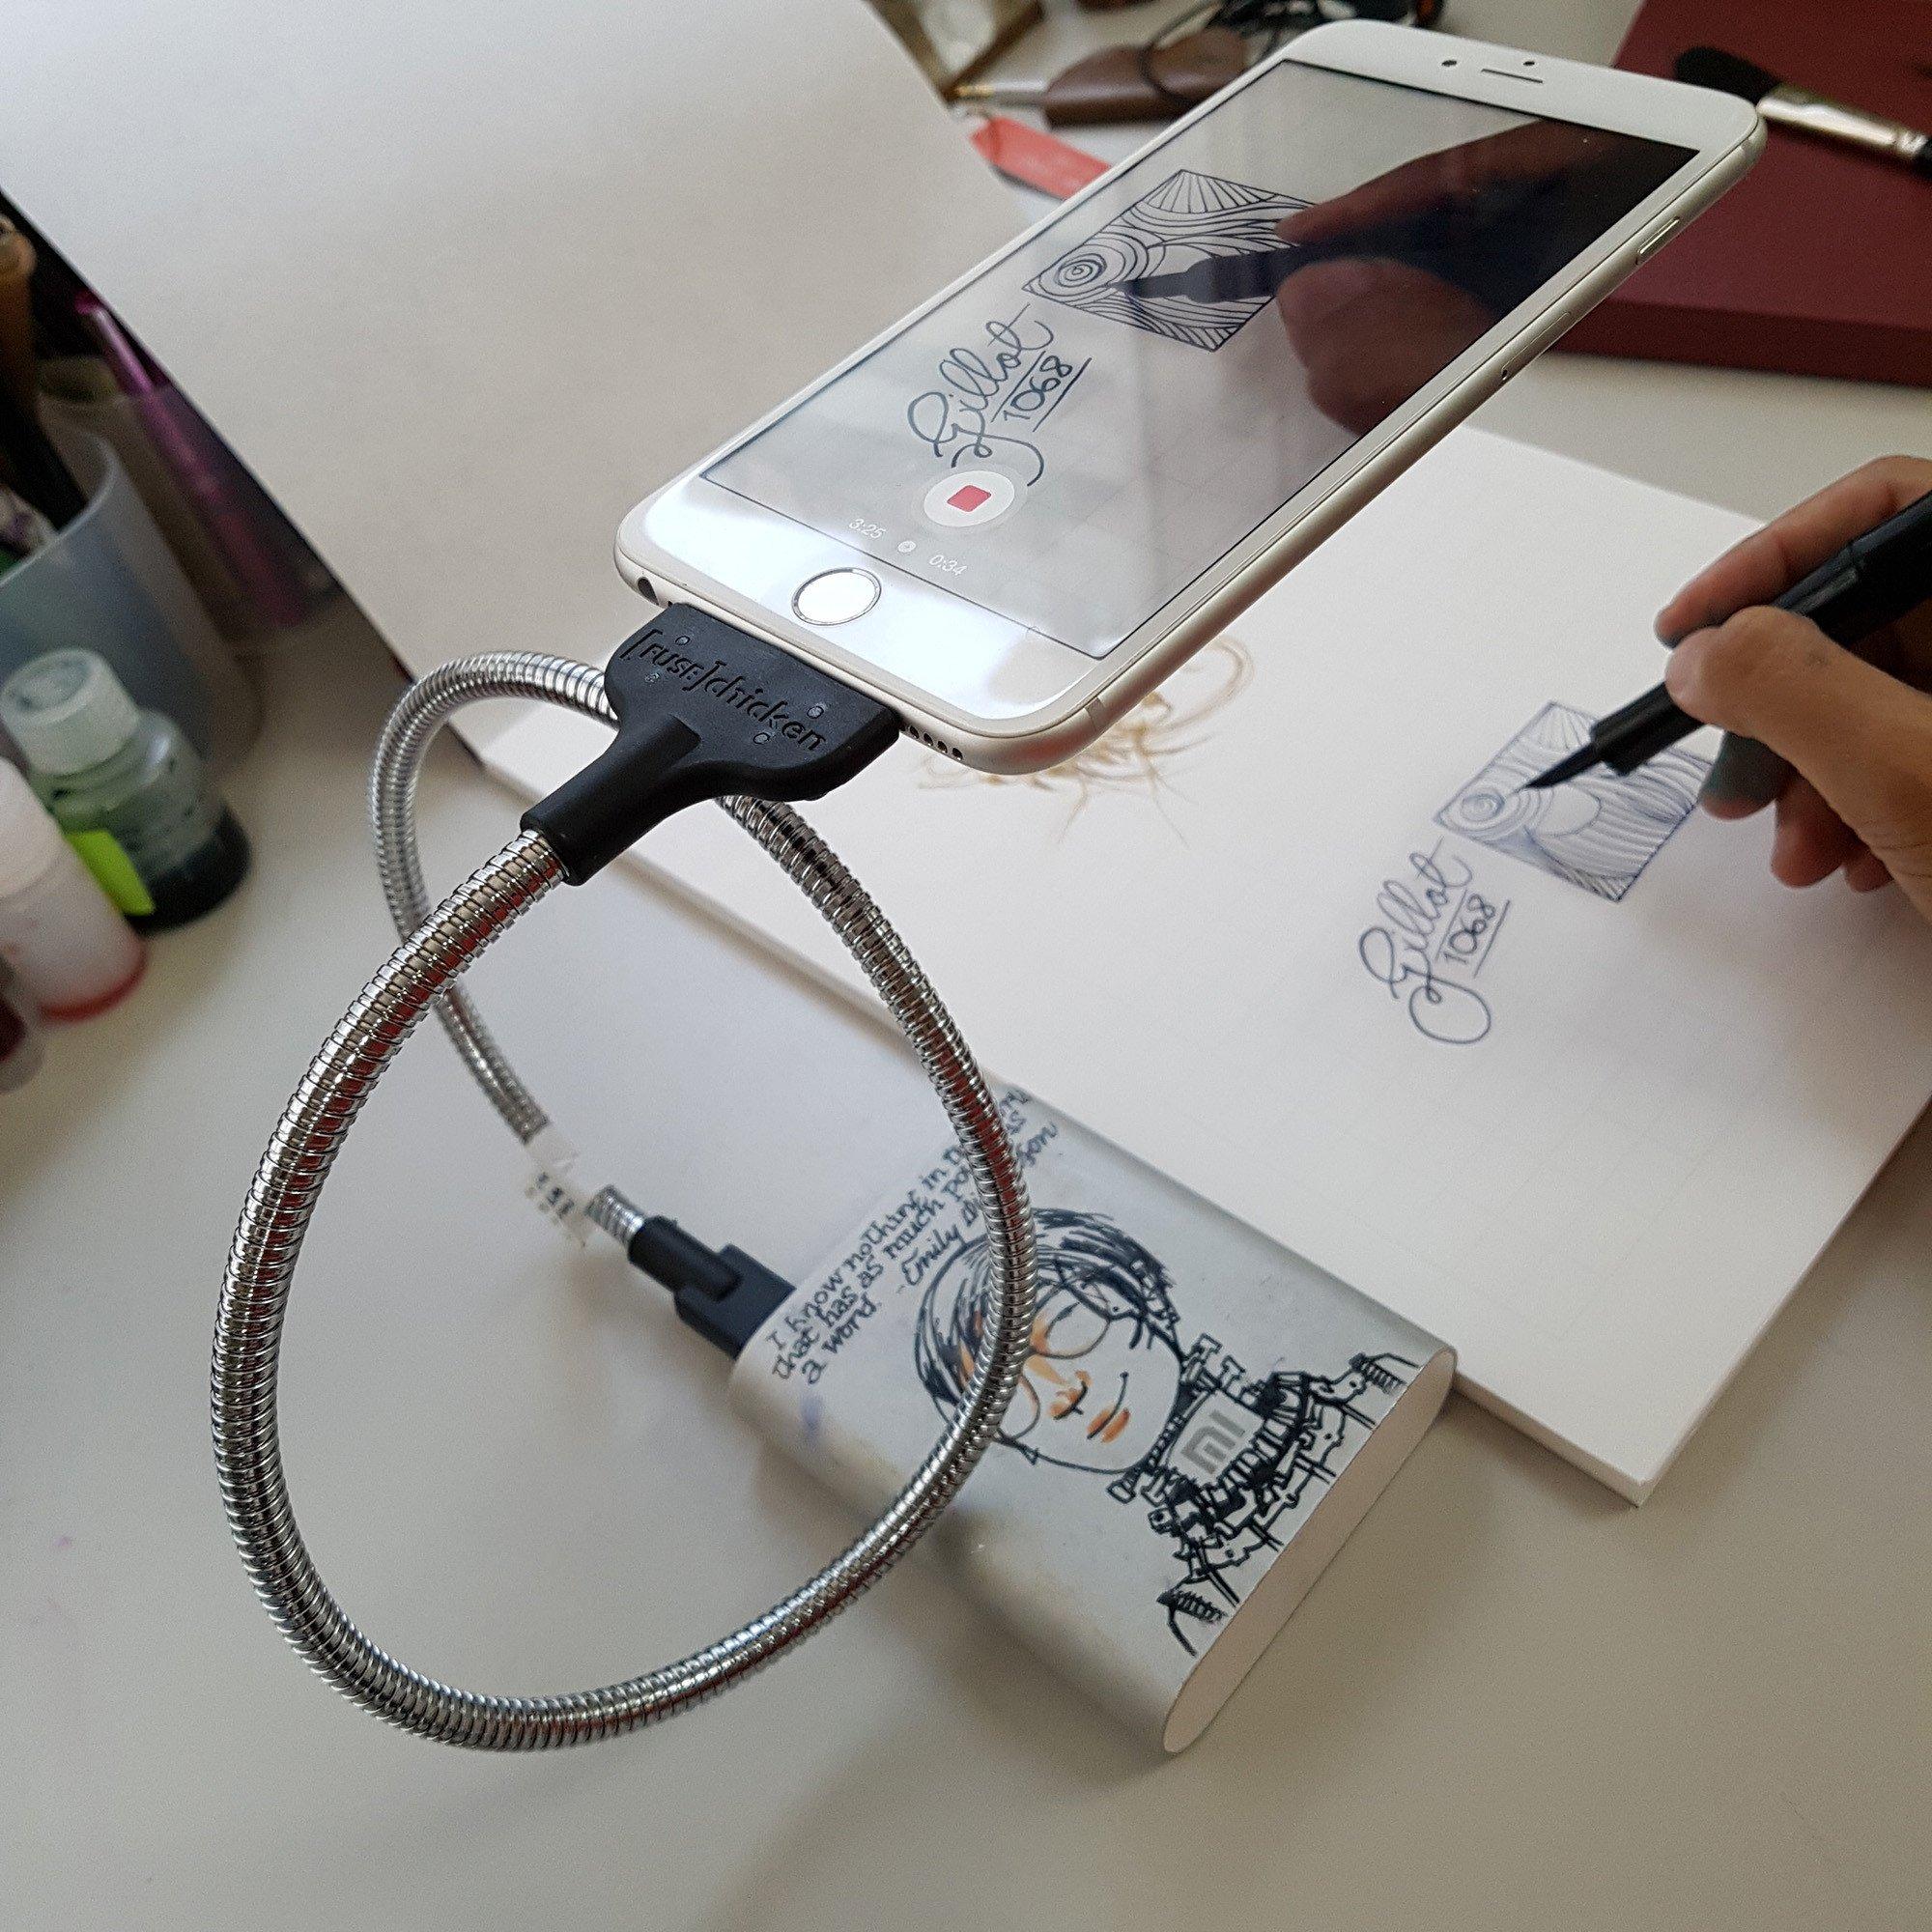 gadgets-3